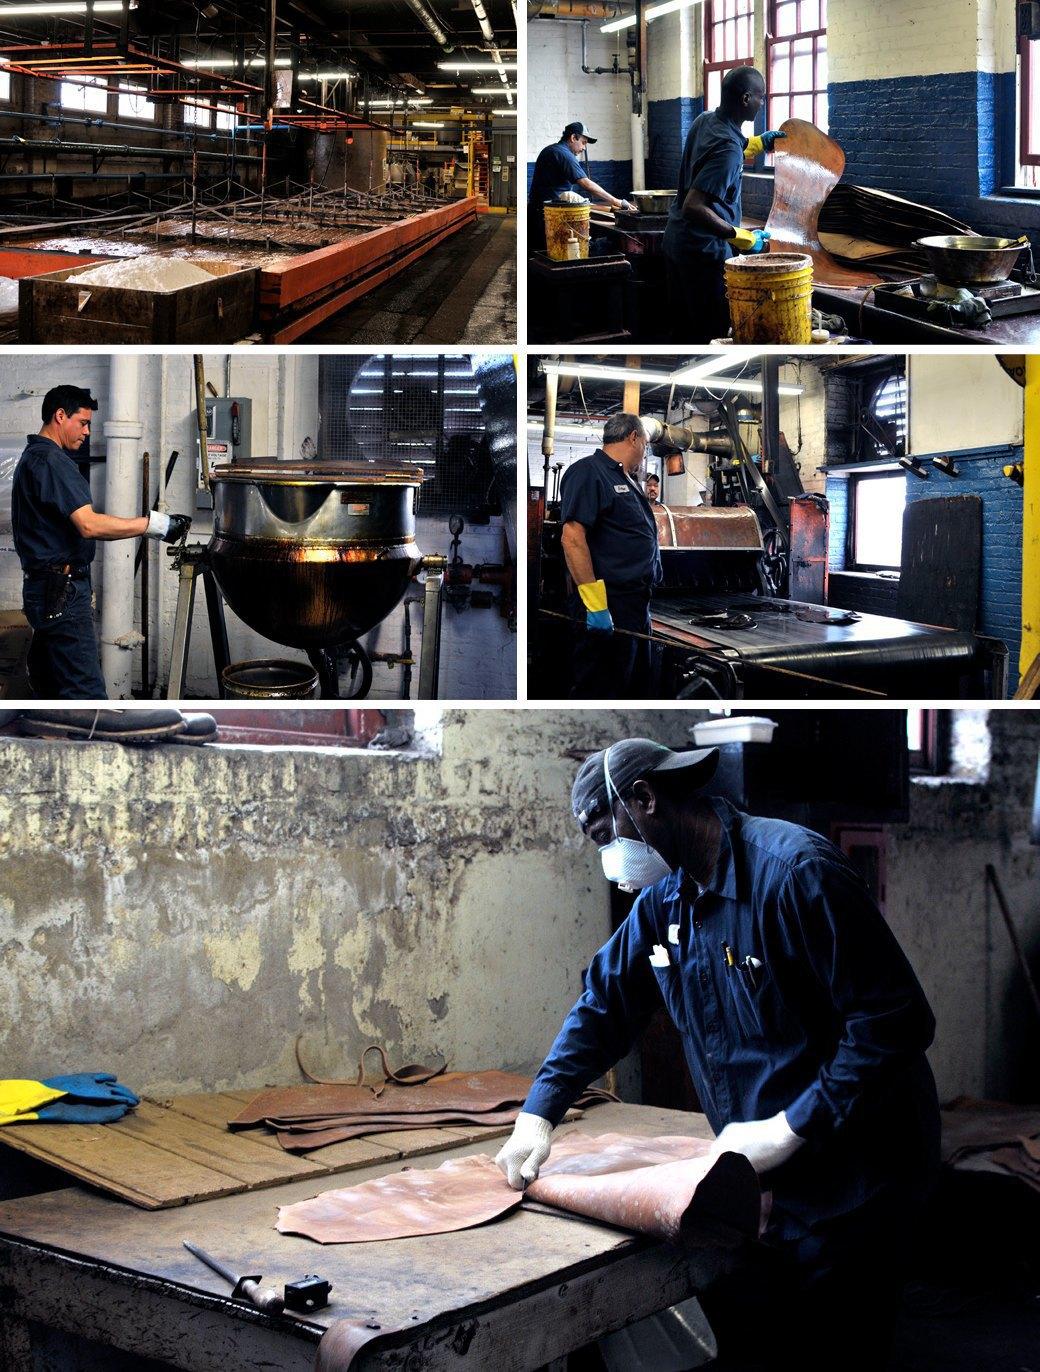 10 репортажей с фабрик одежды и обуви: Alden, Barbour и другие изнутри. Изображение № 16.